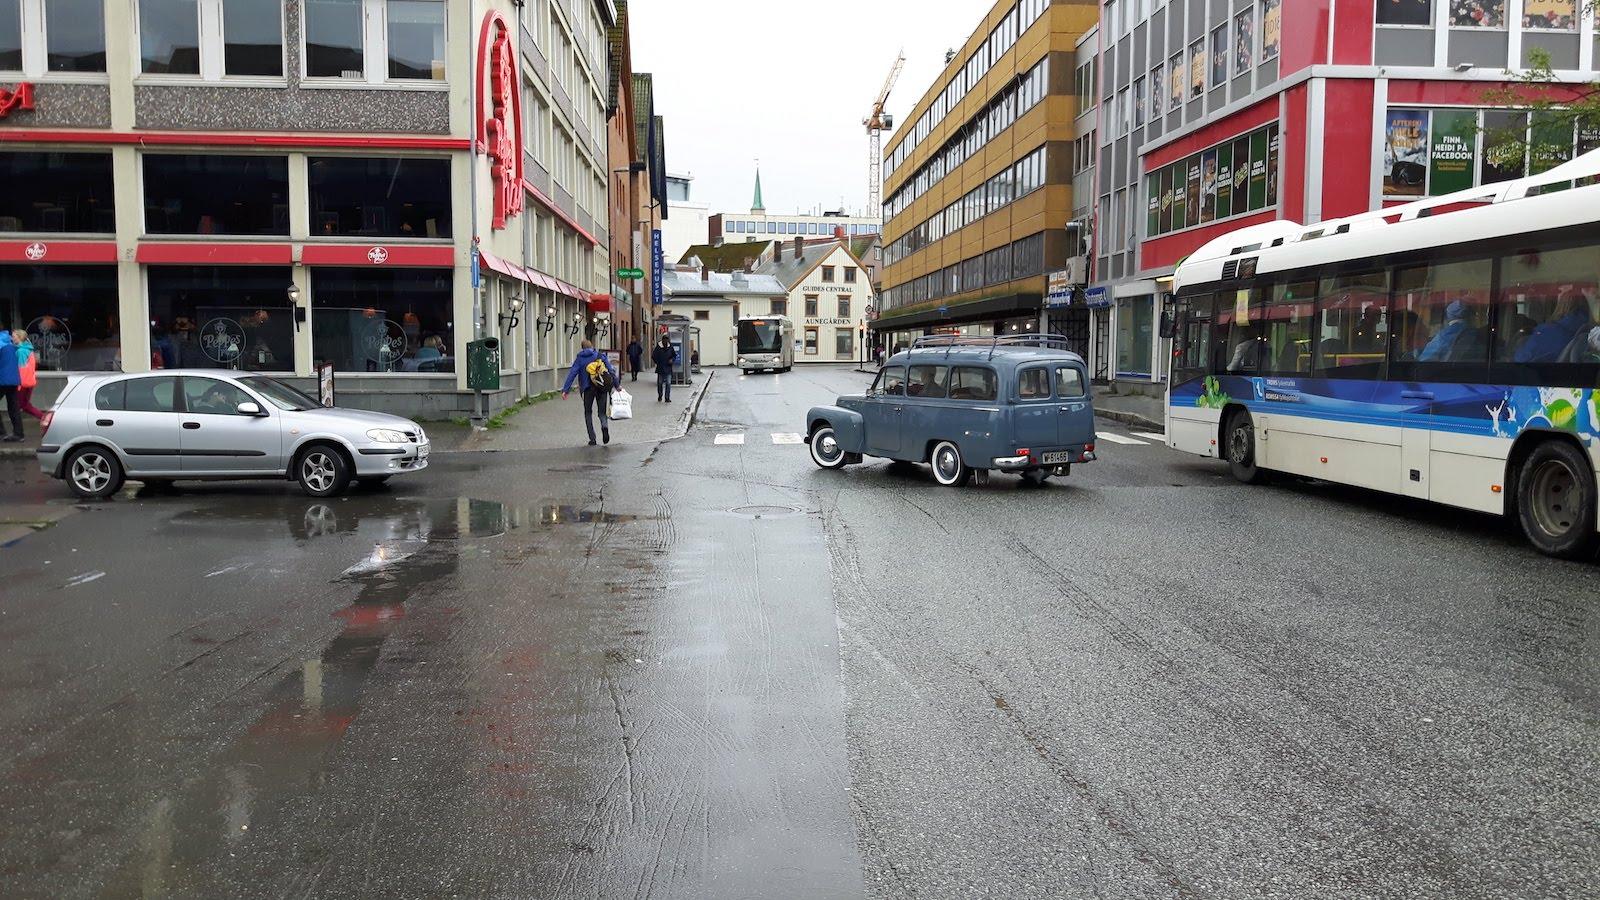 City View Tromso Norway